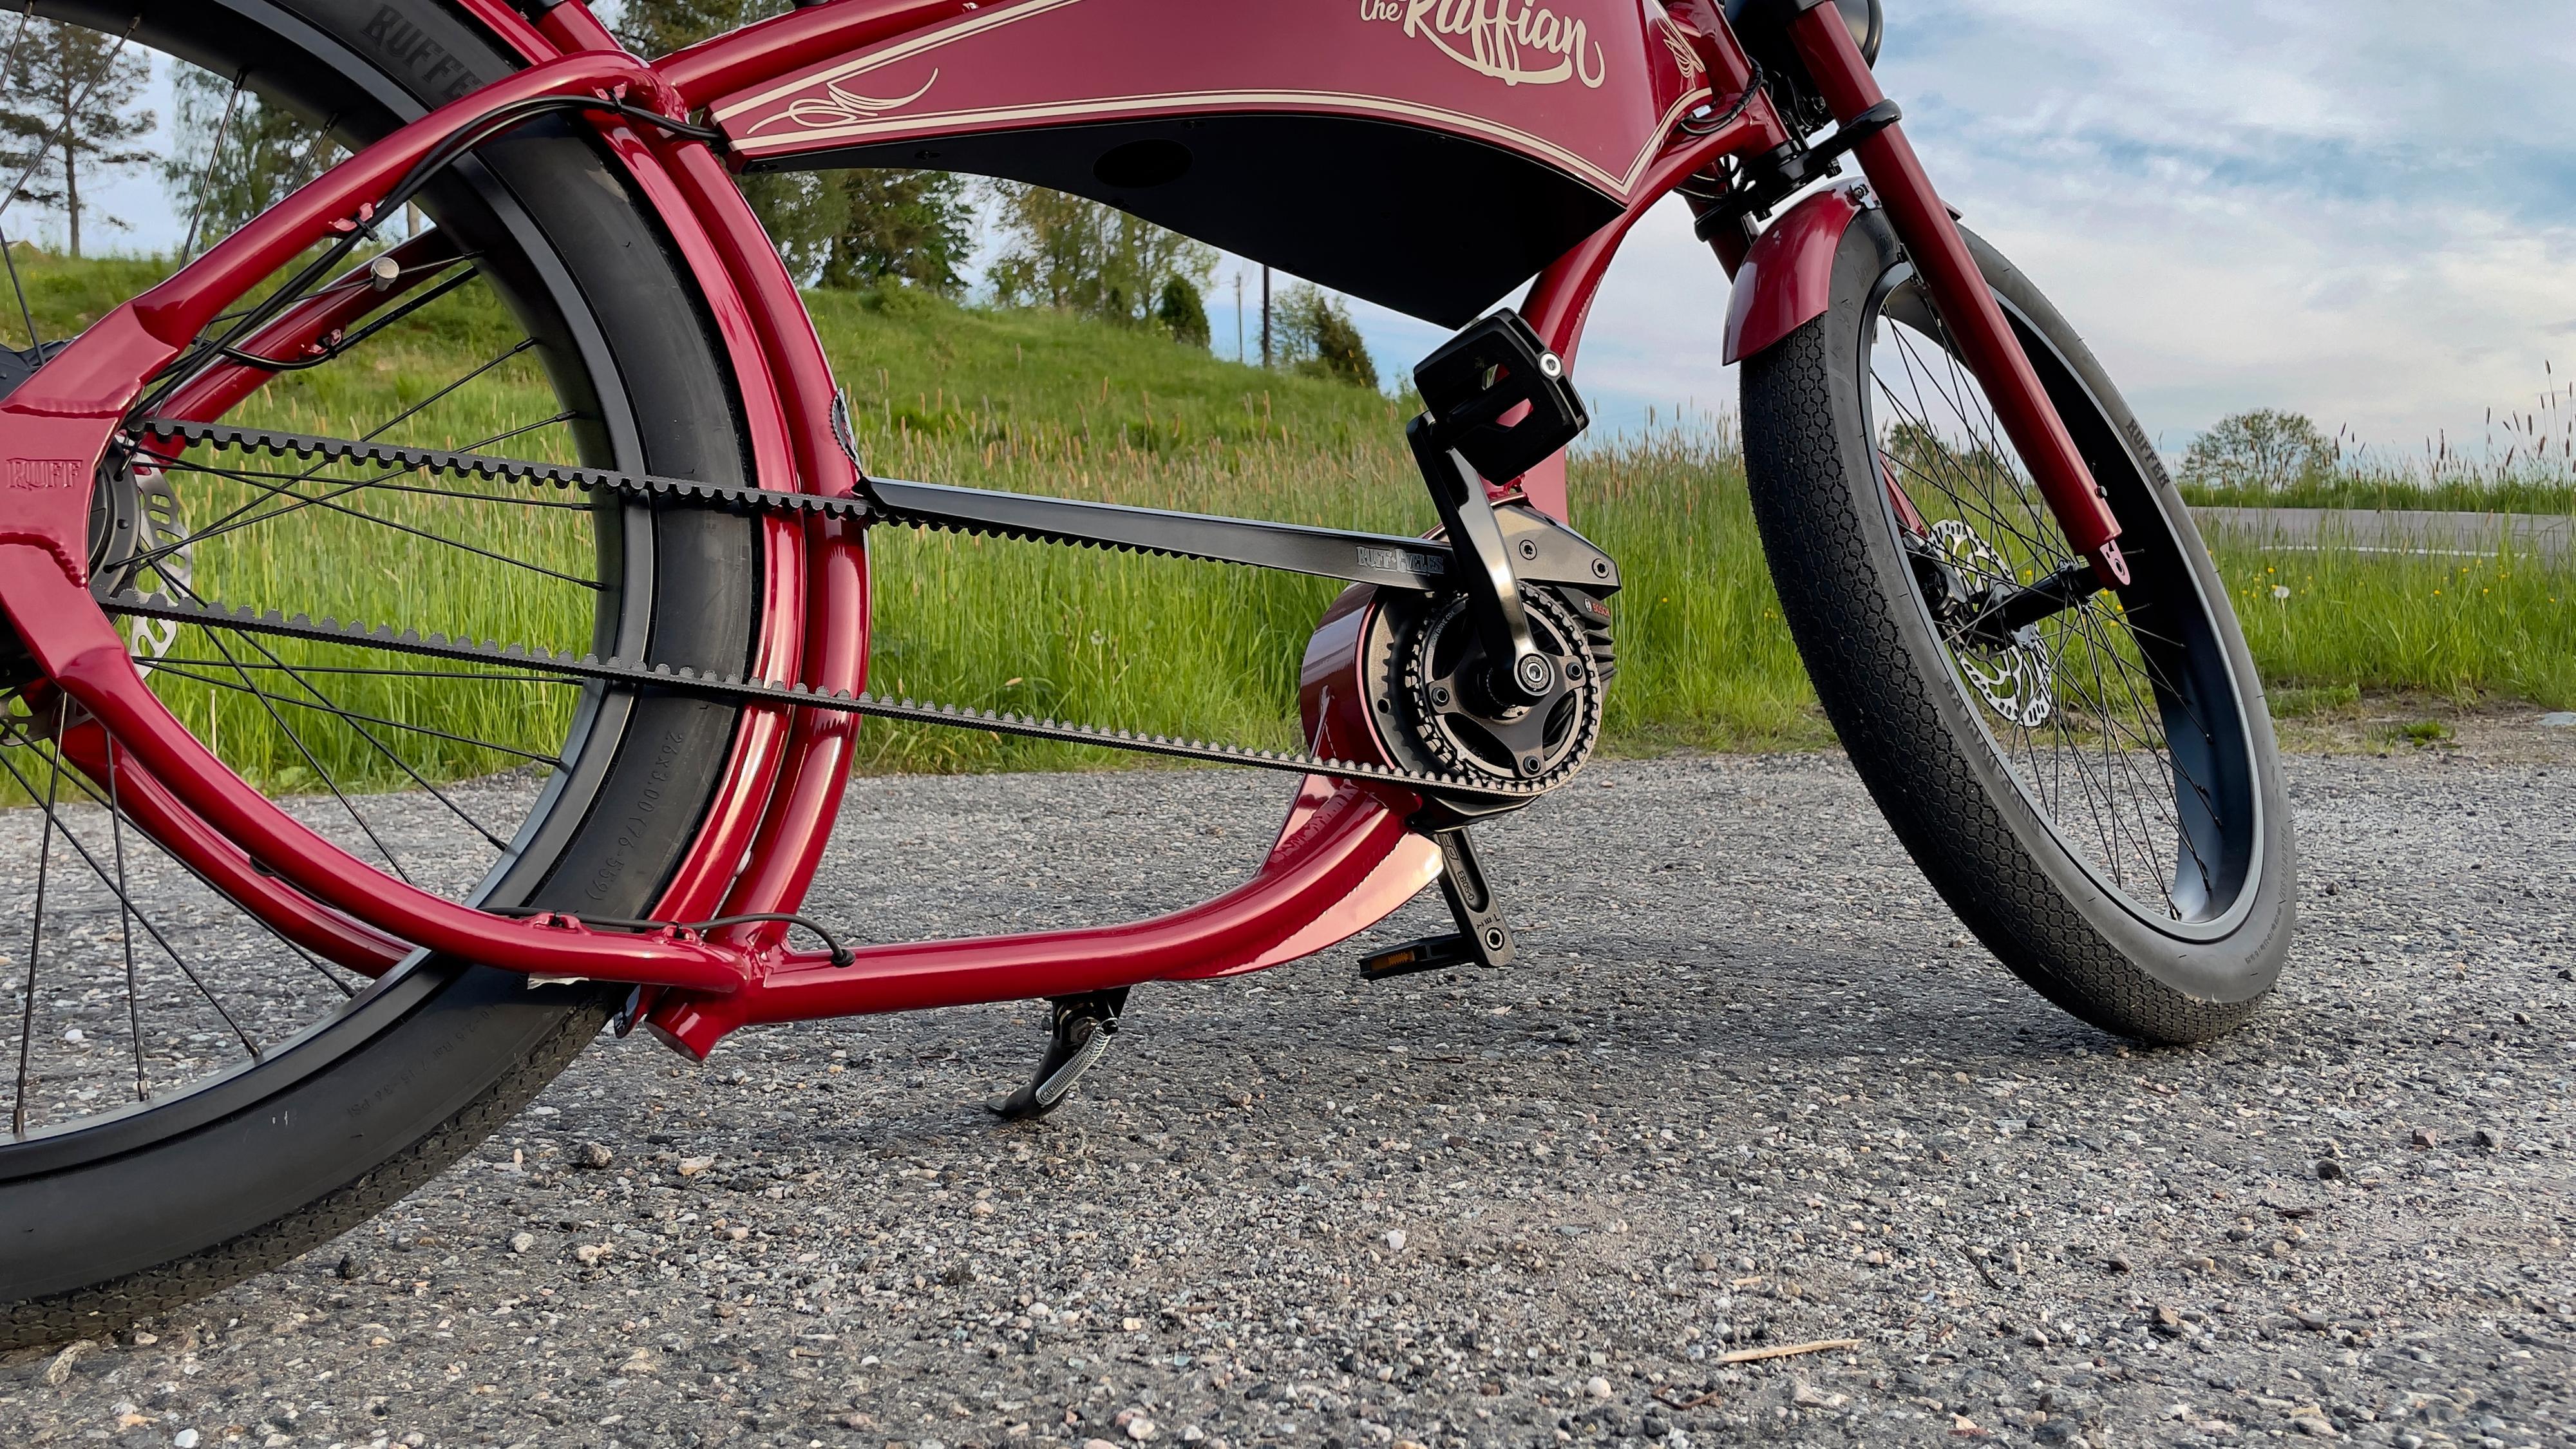 Mellom pedalene og bakhjulet er rammen lav. Så du kan fort skrape nedi om du ikke er forsiktig.